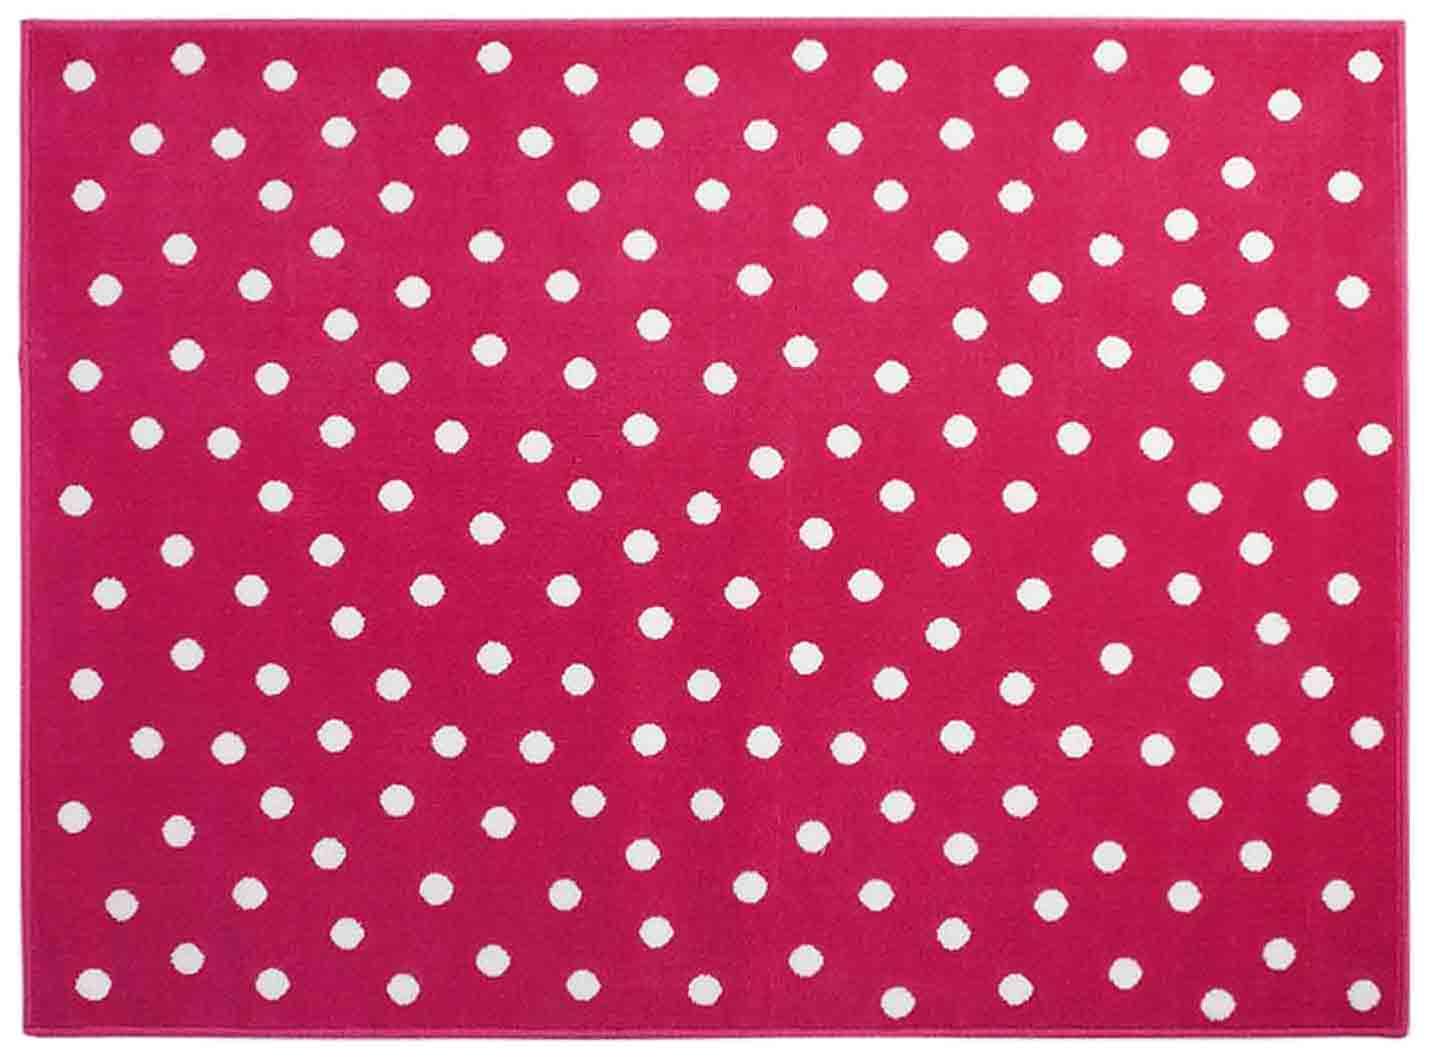 Ковер Lorena Canals акриловый Горошек Dots Fuchsia розовый